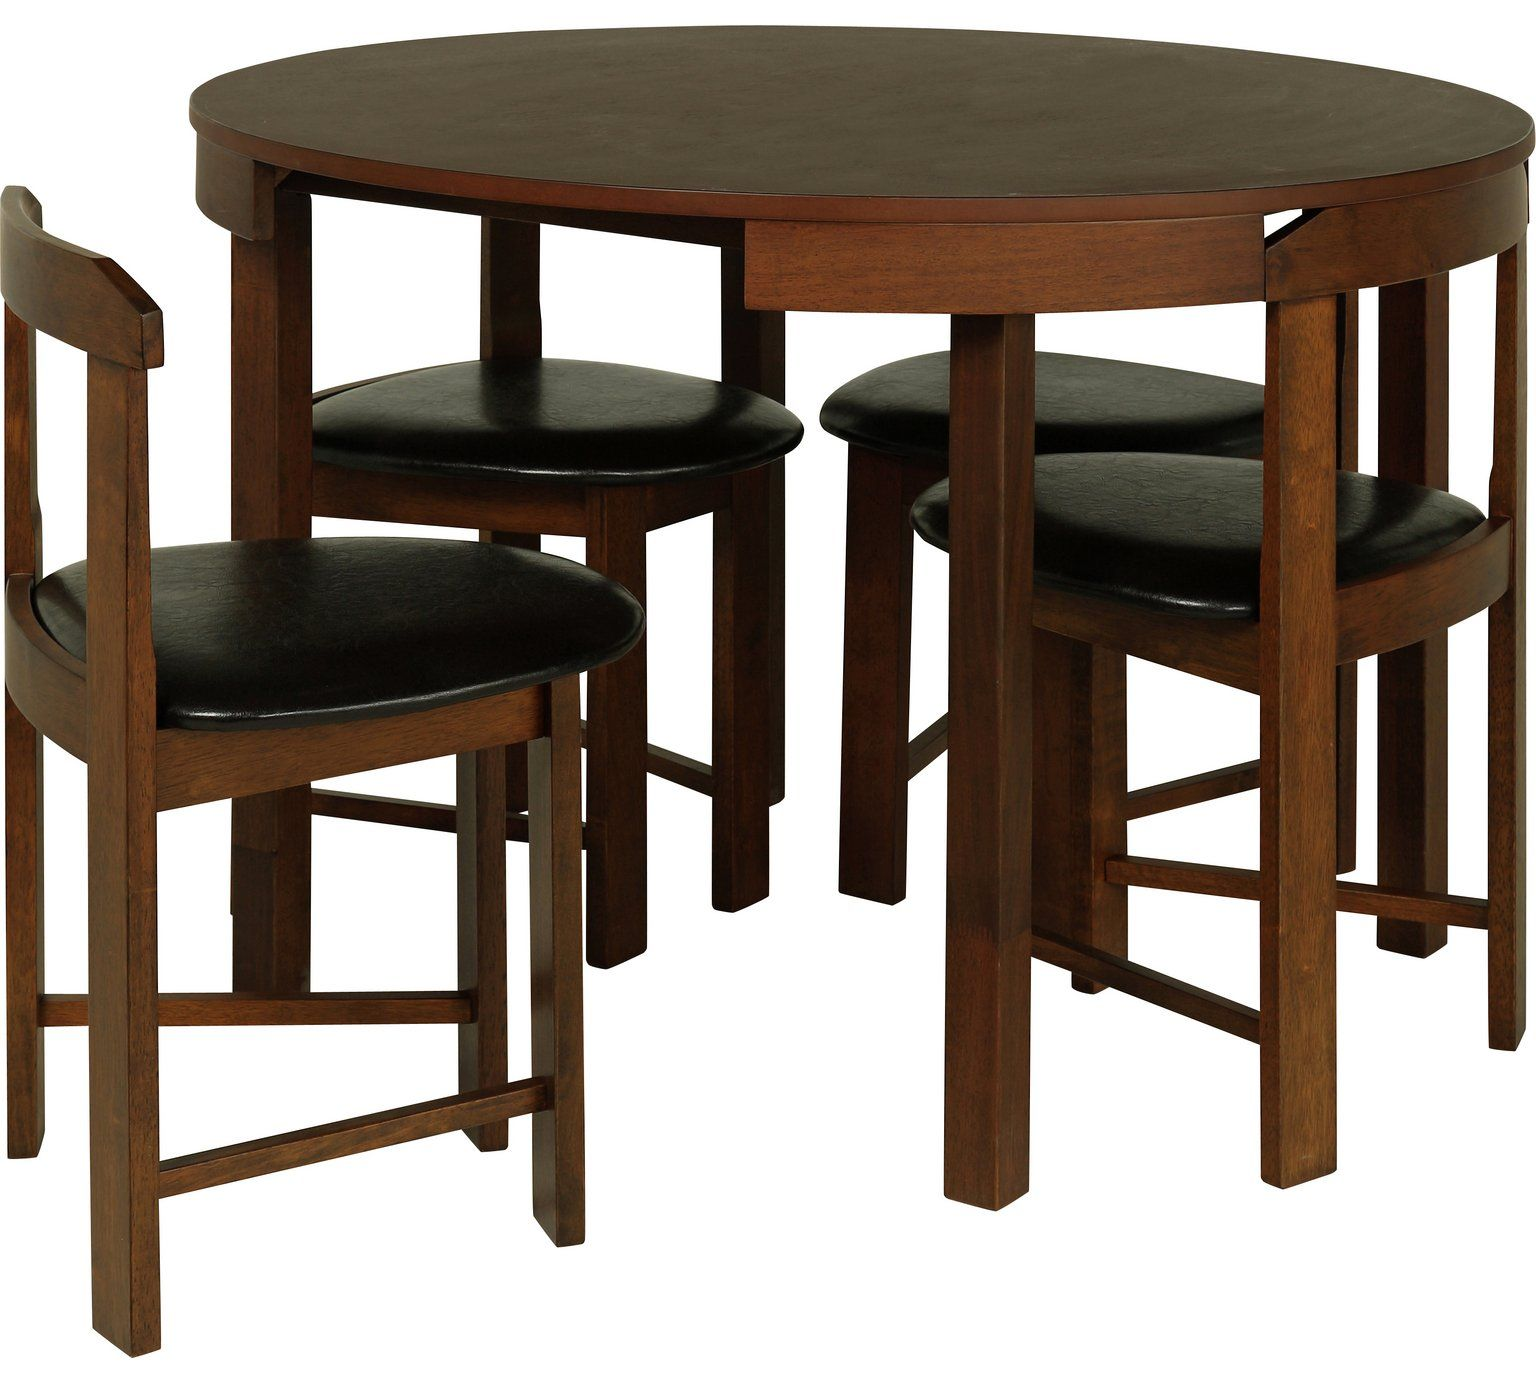 buy hygena alena circular solid wood table 4 chairs black at